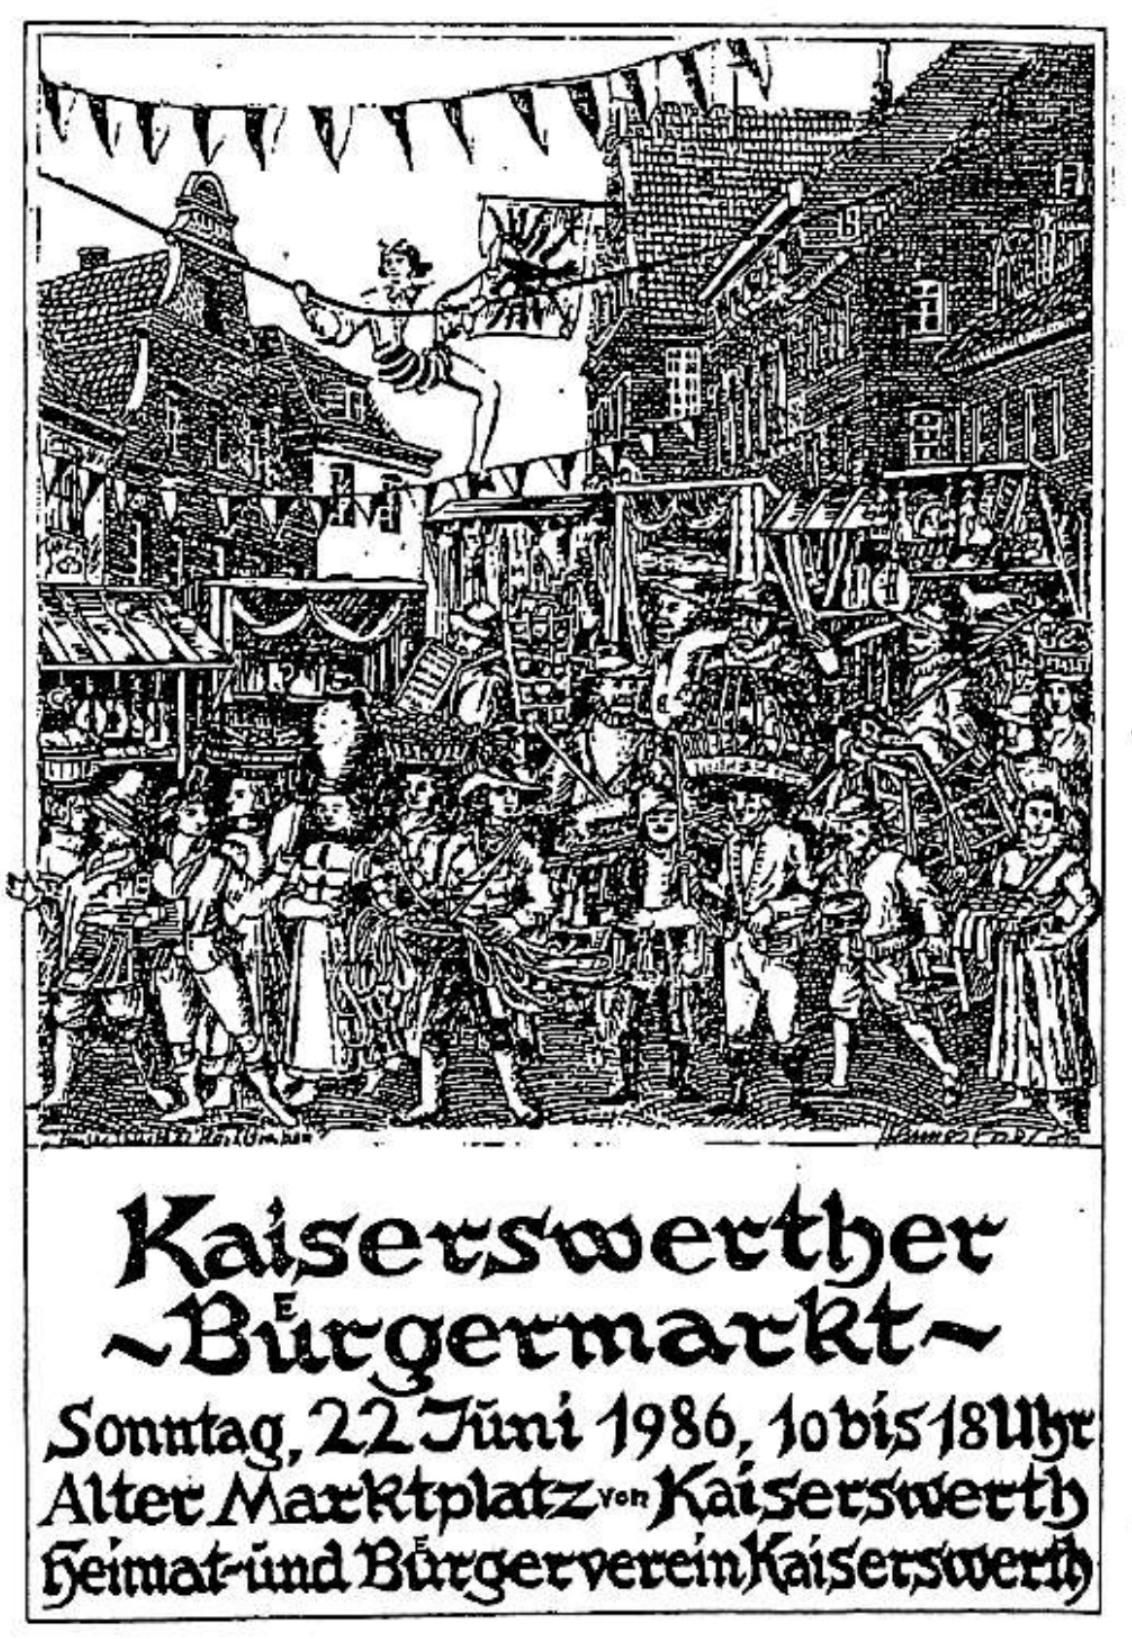 Plakat zum ersten Bürgermarkt von Hannes Esser